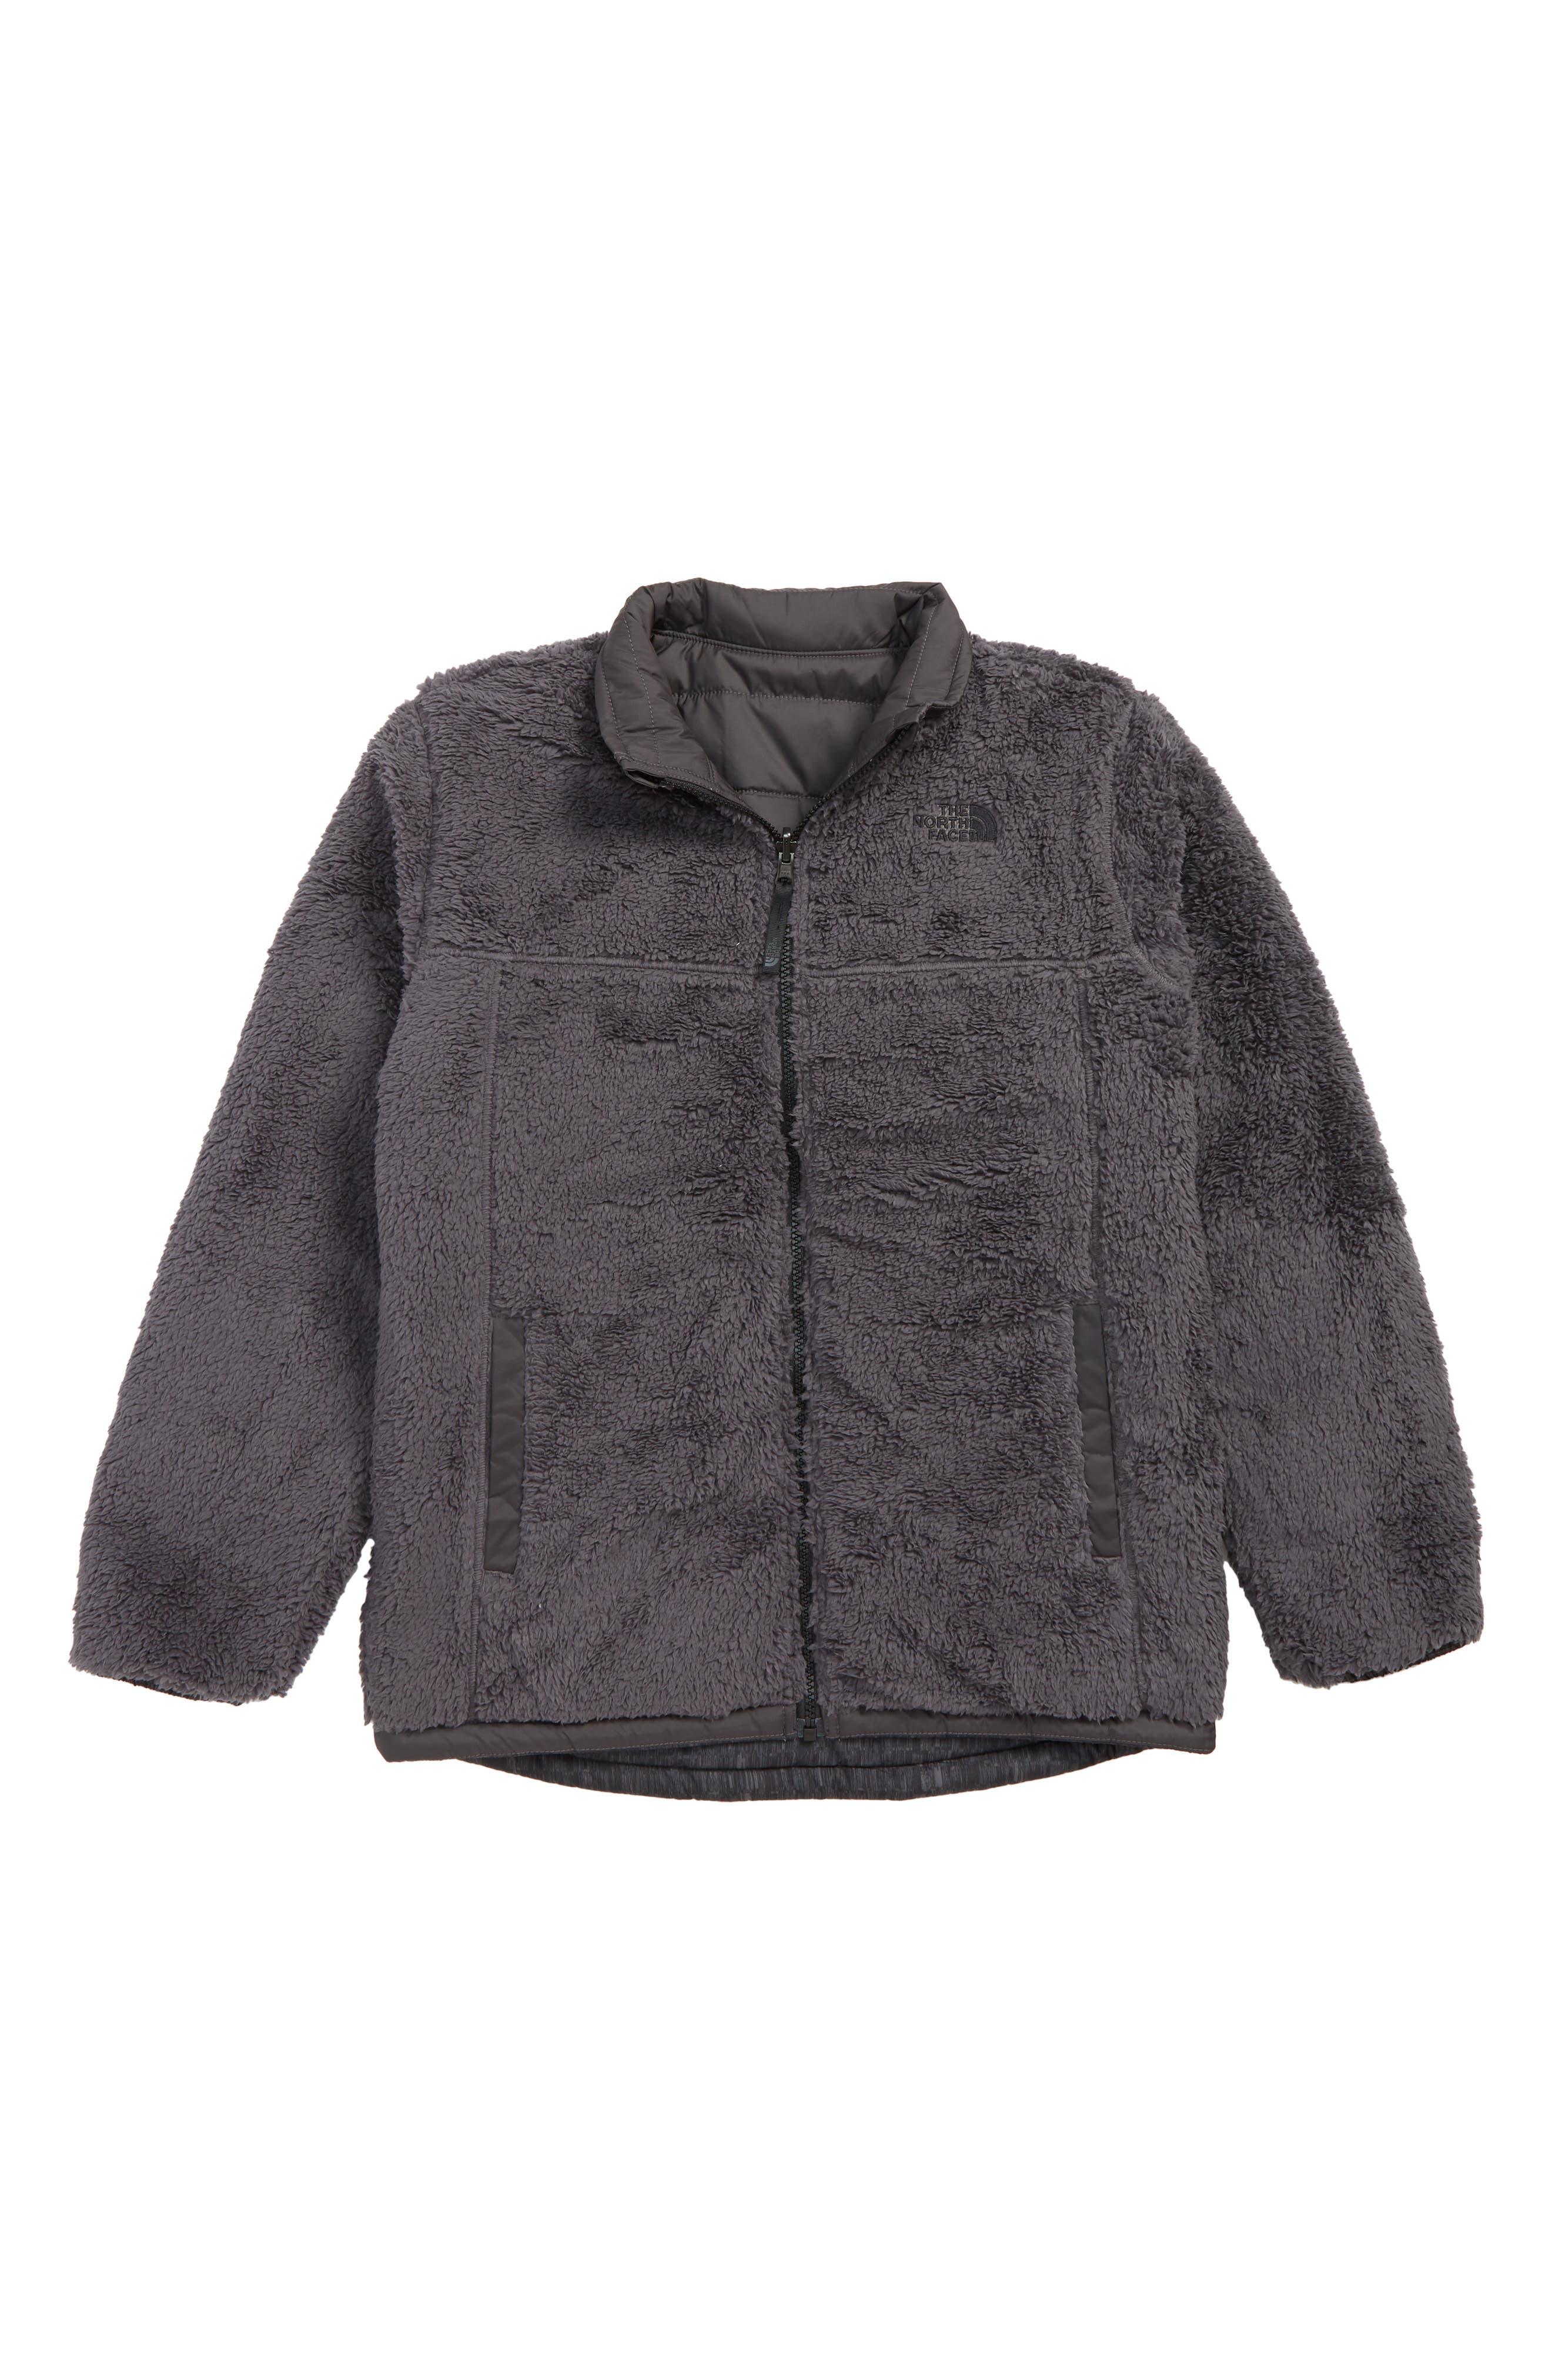 Mount Chimborazo Reversible Jacket,                             Alternate thumbnail 2, color,                             TNF BLACK CHECKER PRINT